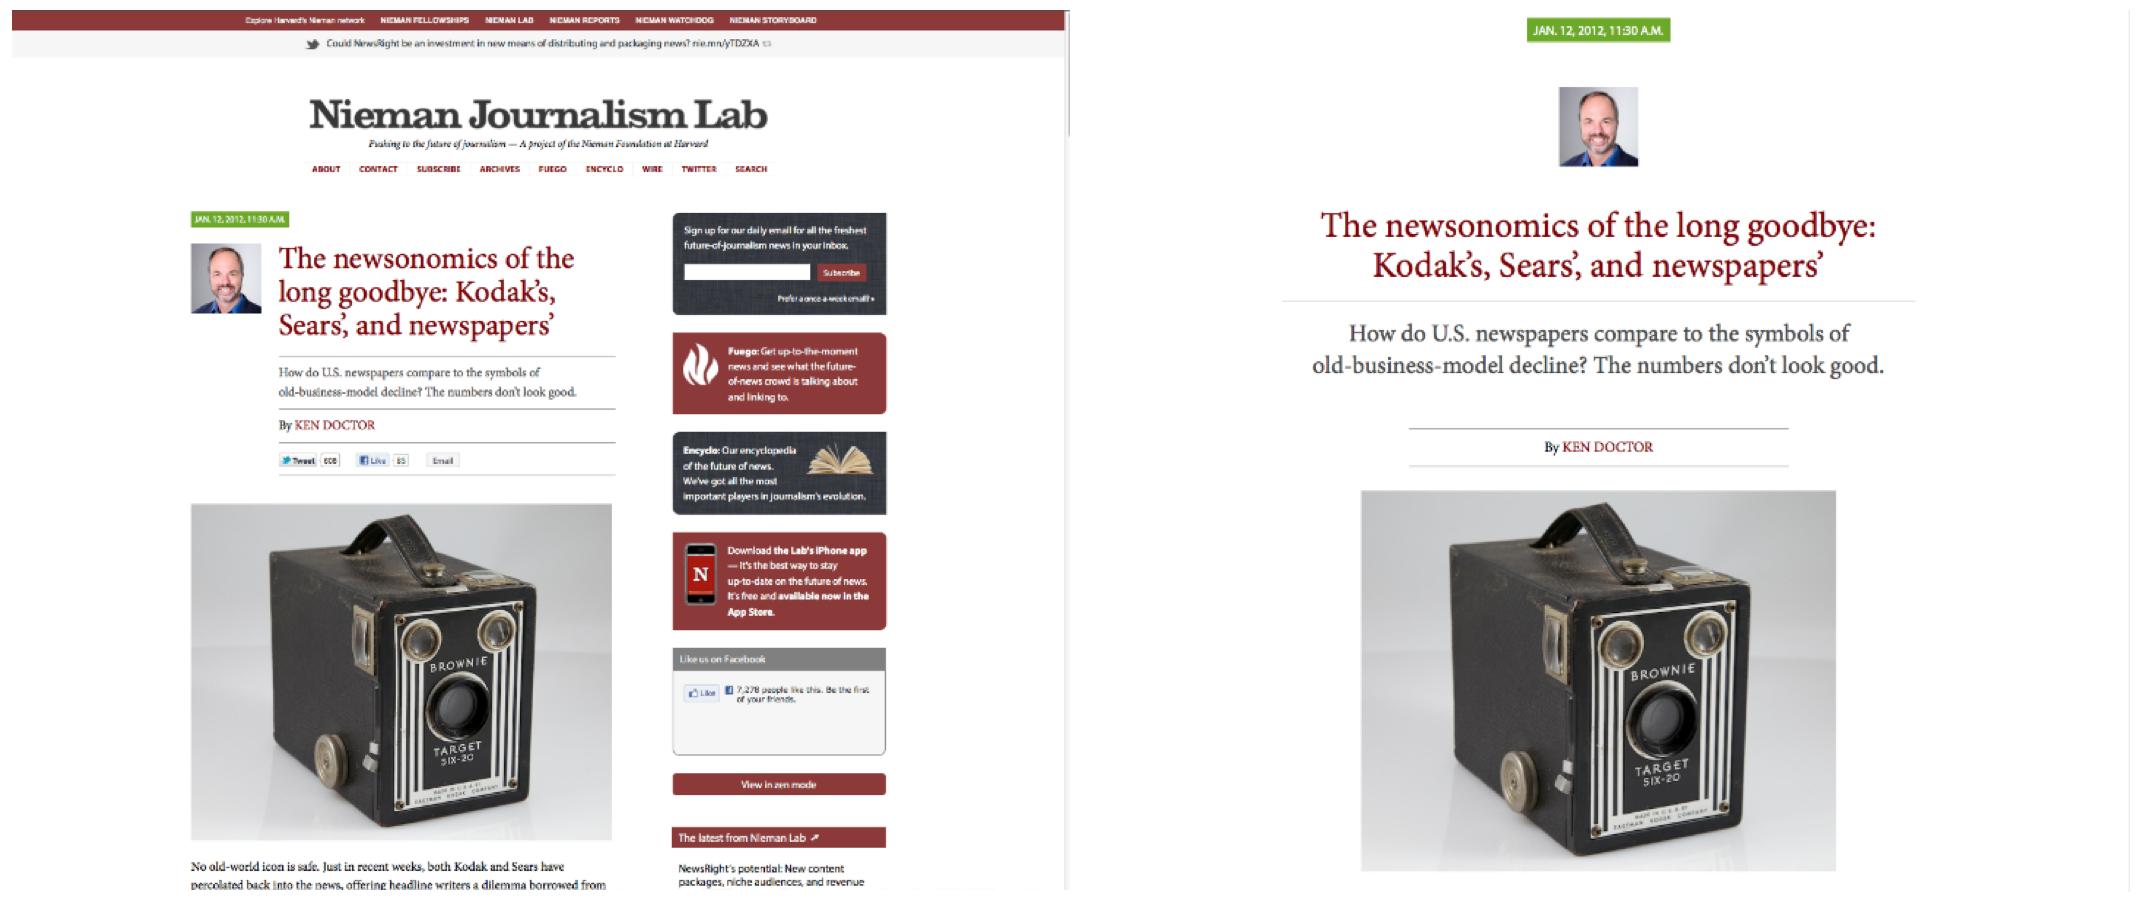 """Nieman新闻实验室网站的2015版在右侧边栏中提供了""""禅宗模式""""视图选项。此选项隐藏了导航栏和右侧轨道,为了强调内容。"""